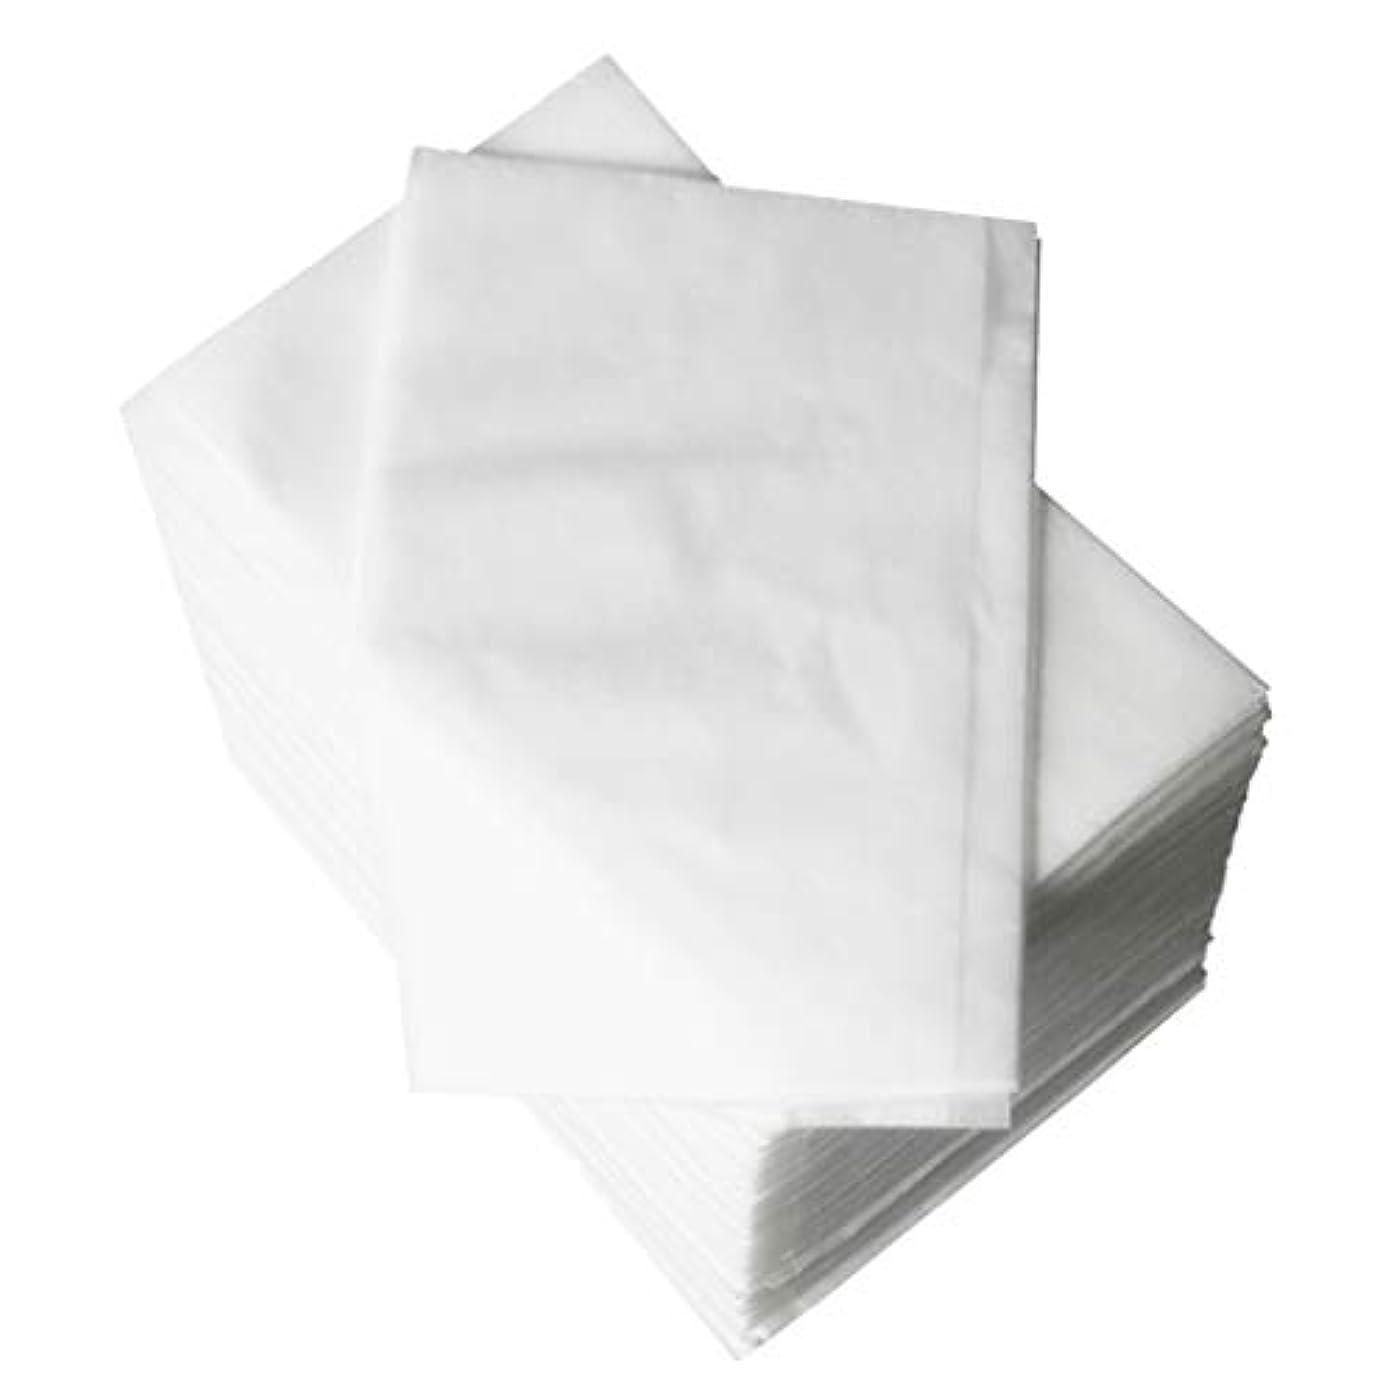 こするジョイントクモP Prettyia 使い捨てベッドシーツ 美容シーツ 約80 x 180 cm 約100個 全2色 - 白